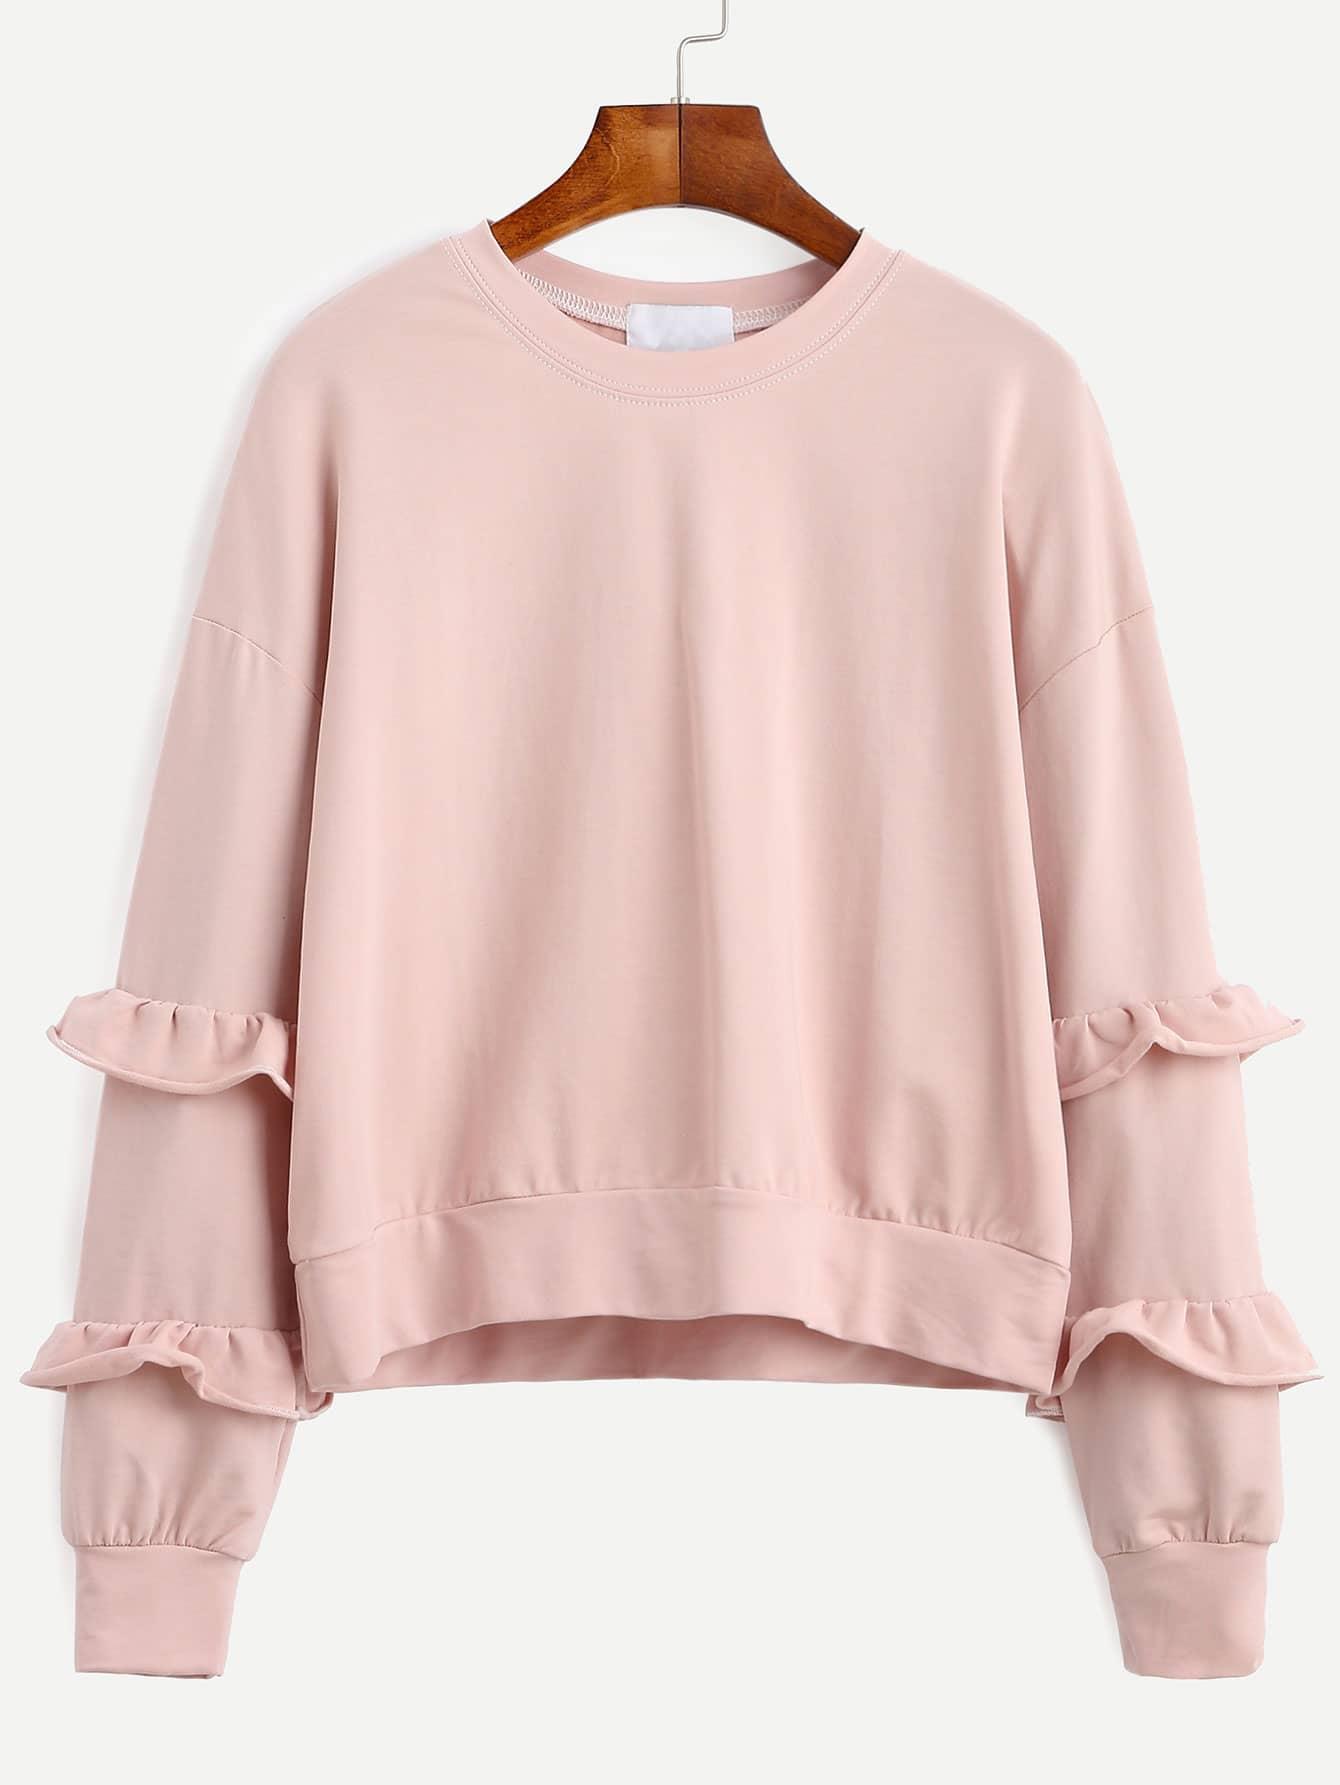 Pink Drop Shoulder Ruffle Trim Sweatshirt sweatshirt160815021